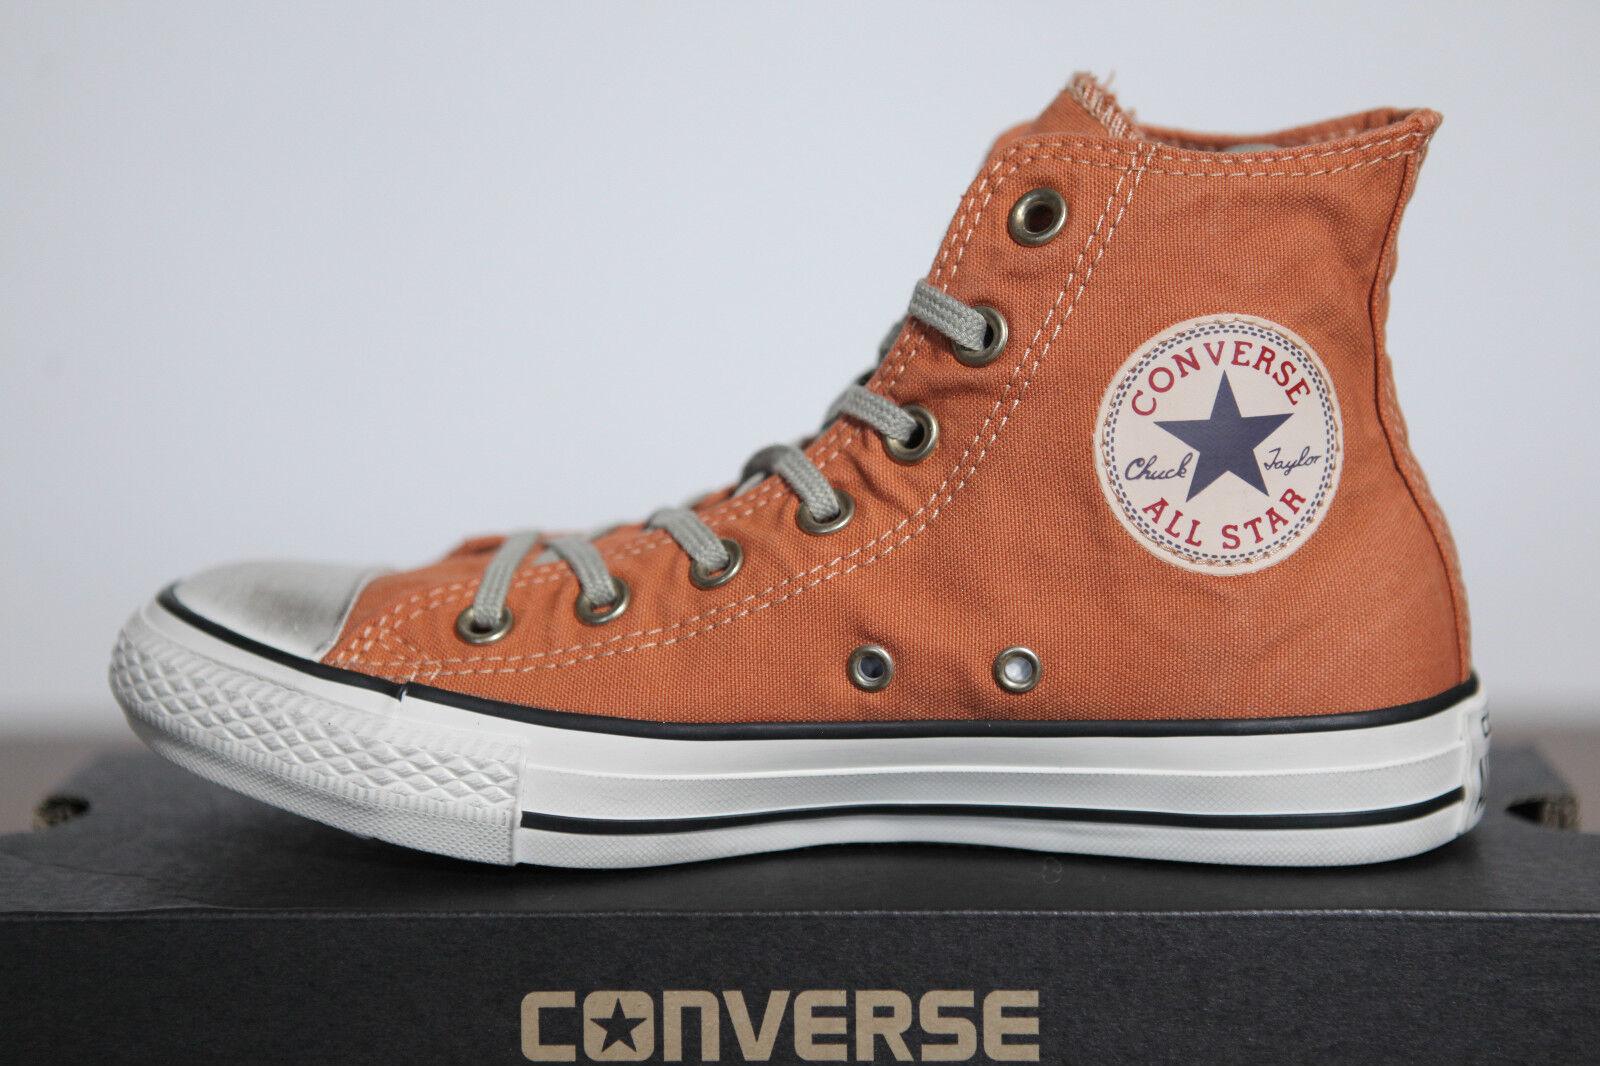 Nuevo All Star Converse Chucks Hi bronce cortos zapatos bronce Hi 142224c 38bb42